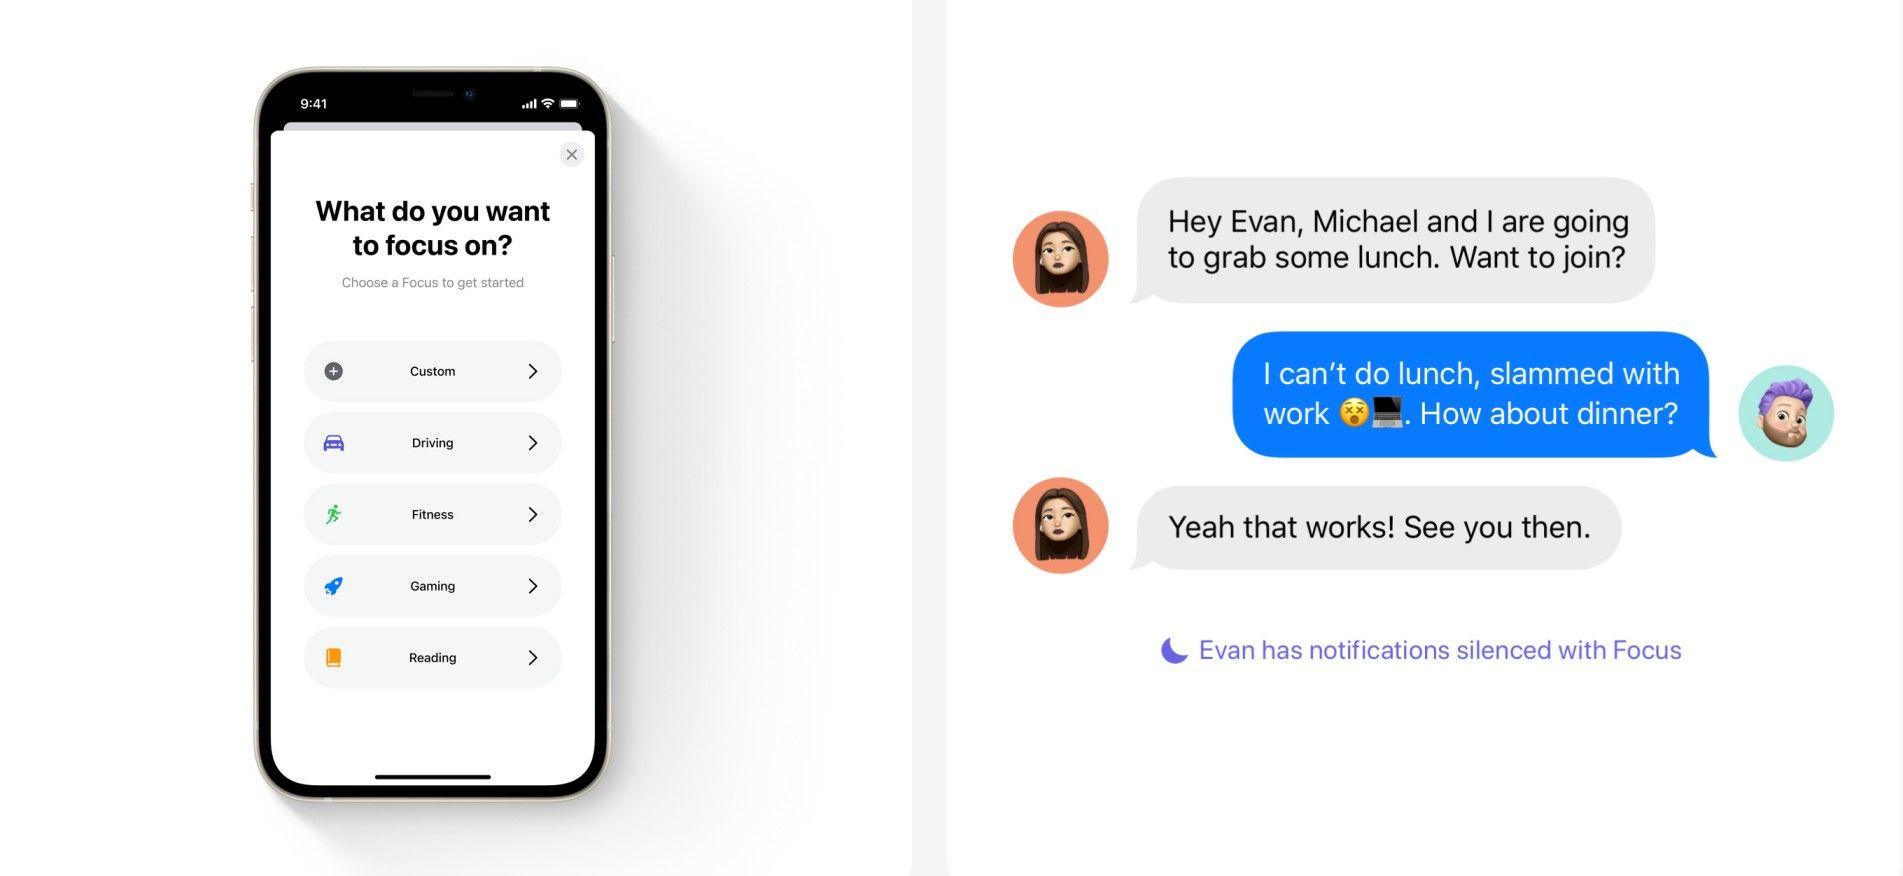 قبل انطلاق حدث أبل 2021.. إليكم كل التفاصيل التي ترغبون في معرفتها عن هاتف أيفون الجديد ونظام IOS 15 - focus mode